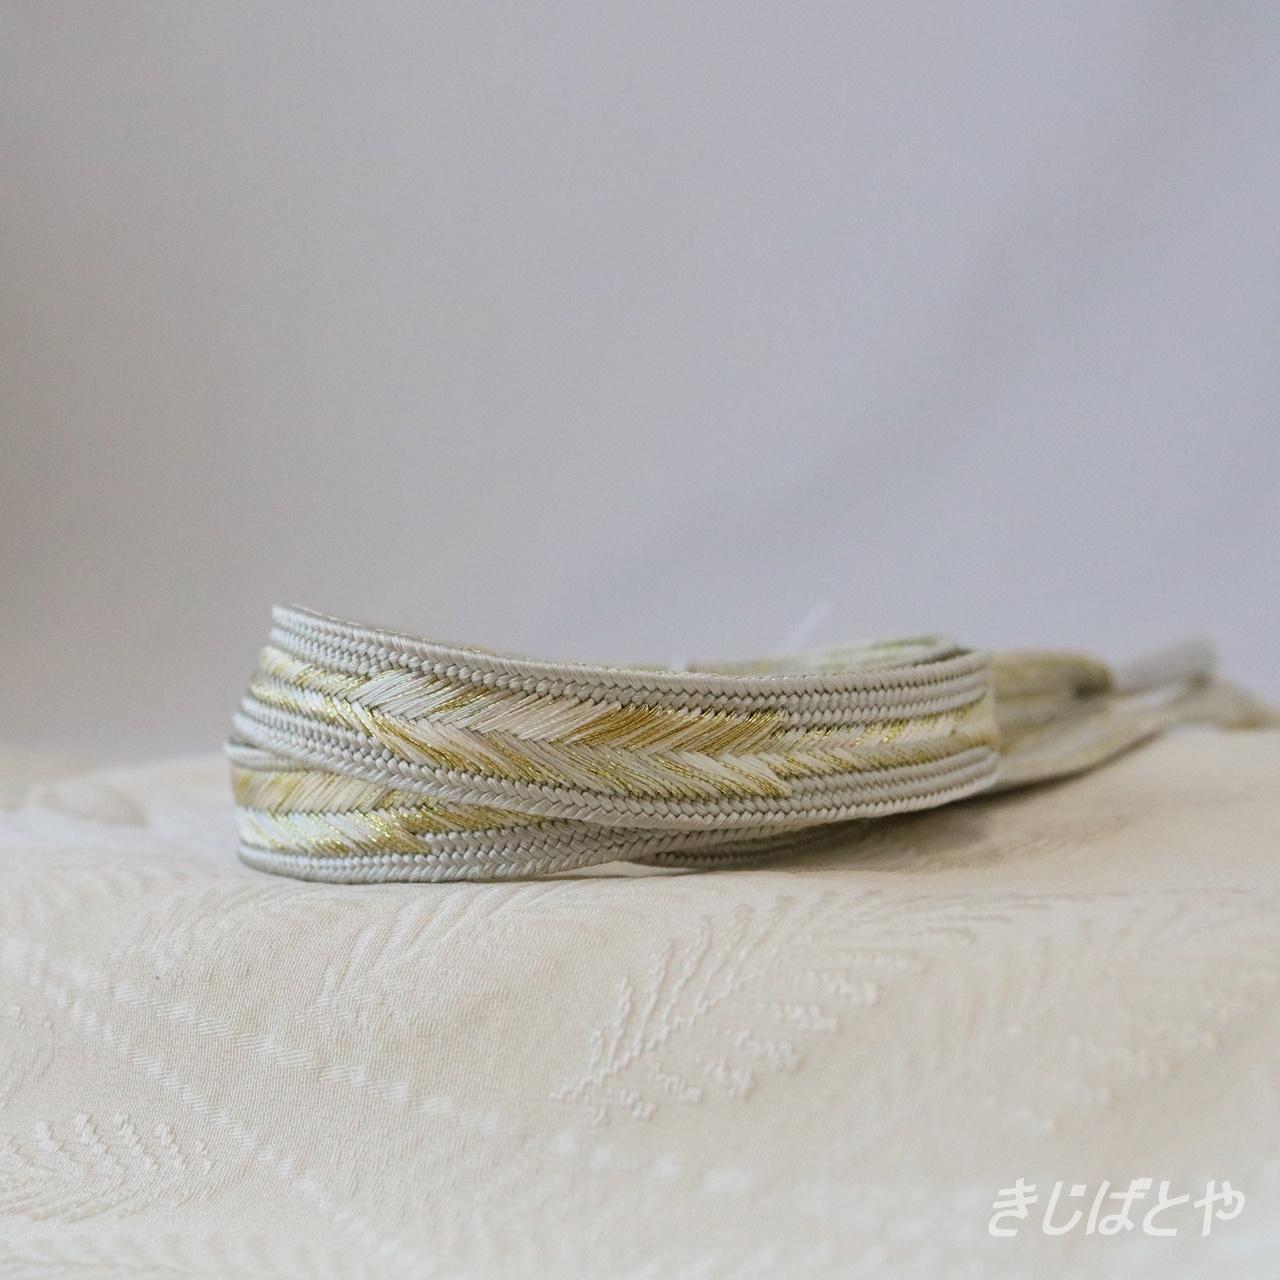 正絹 鳥の羽のような帯締め 胡粉色(ごふんいろ)